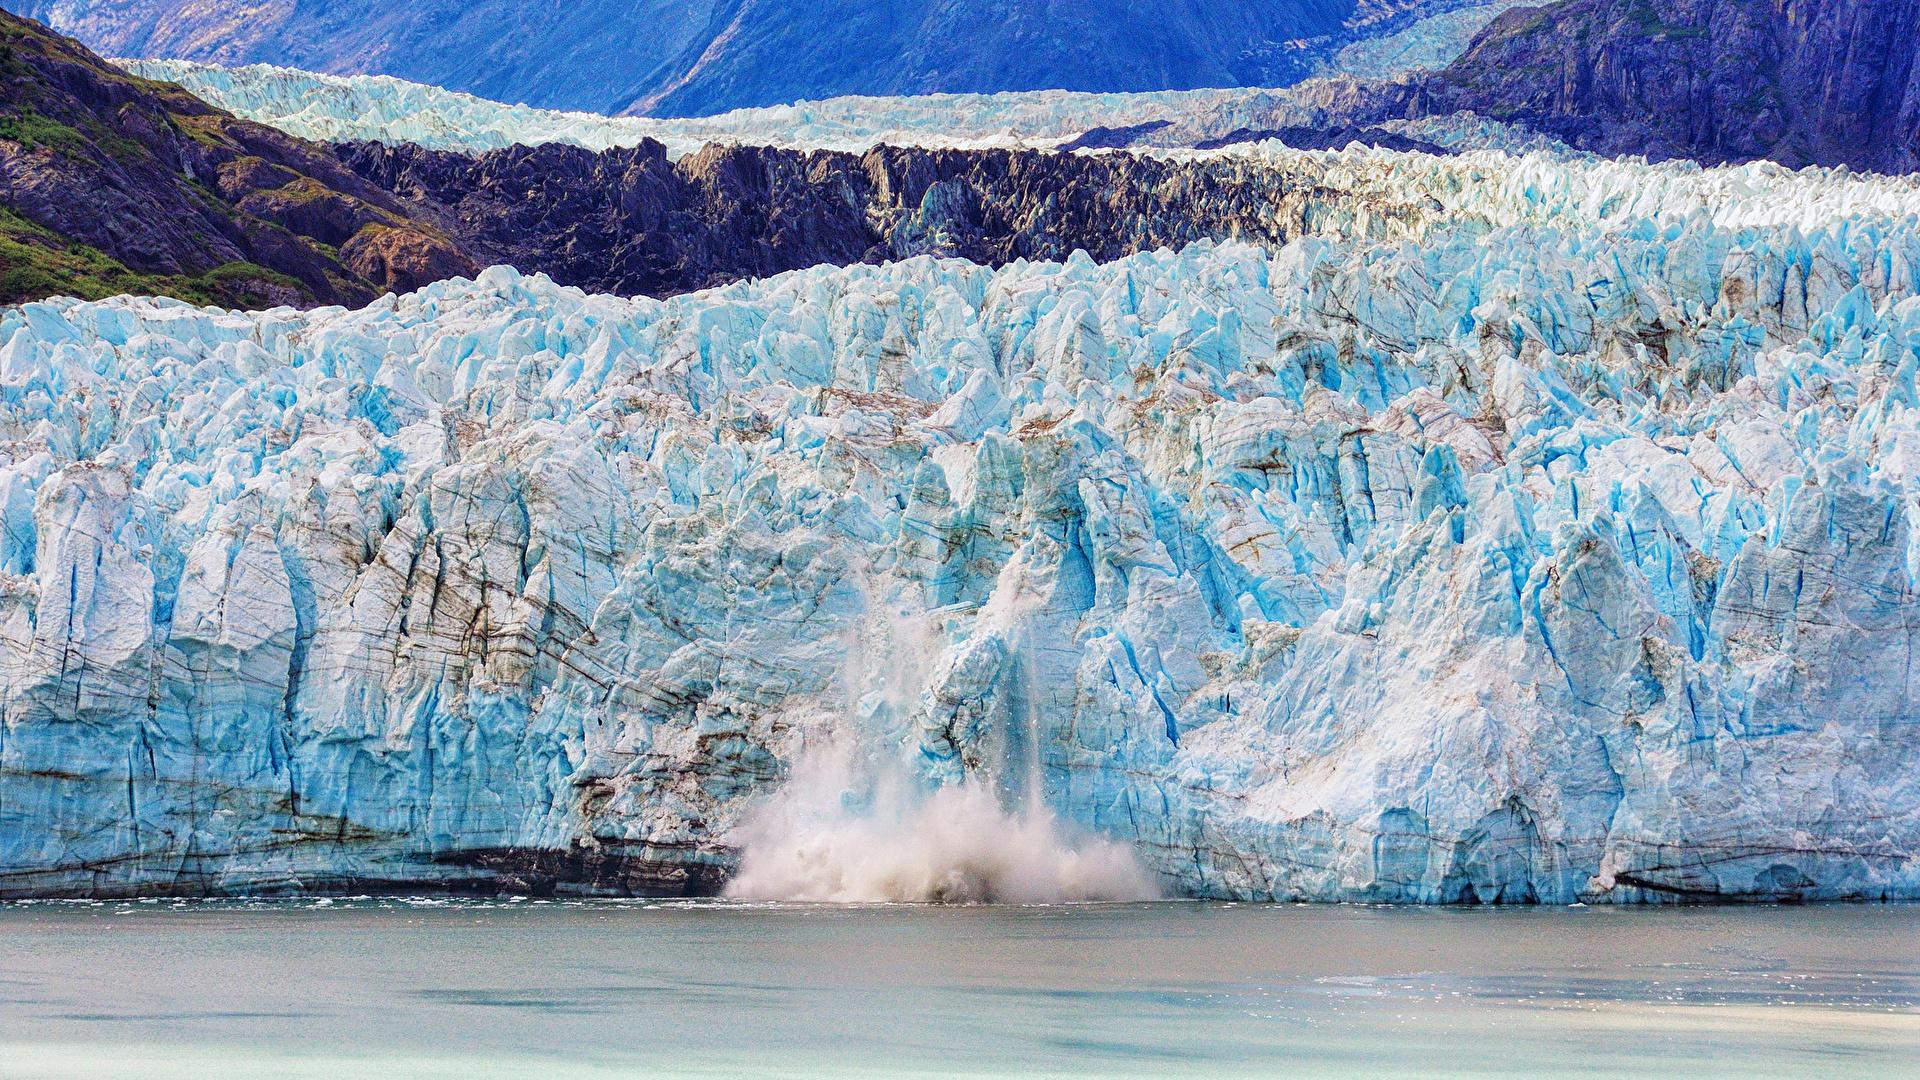 Картинки Лед гора Море Природа 1920x1080 льда Горы